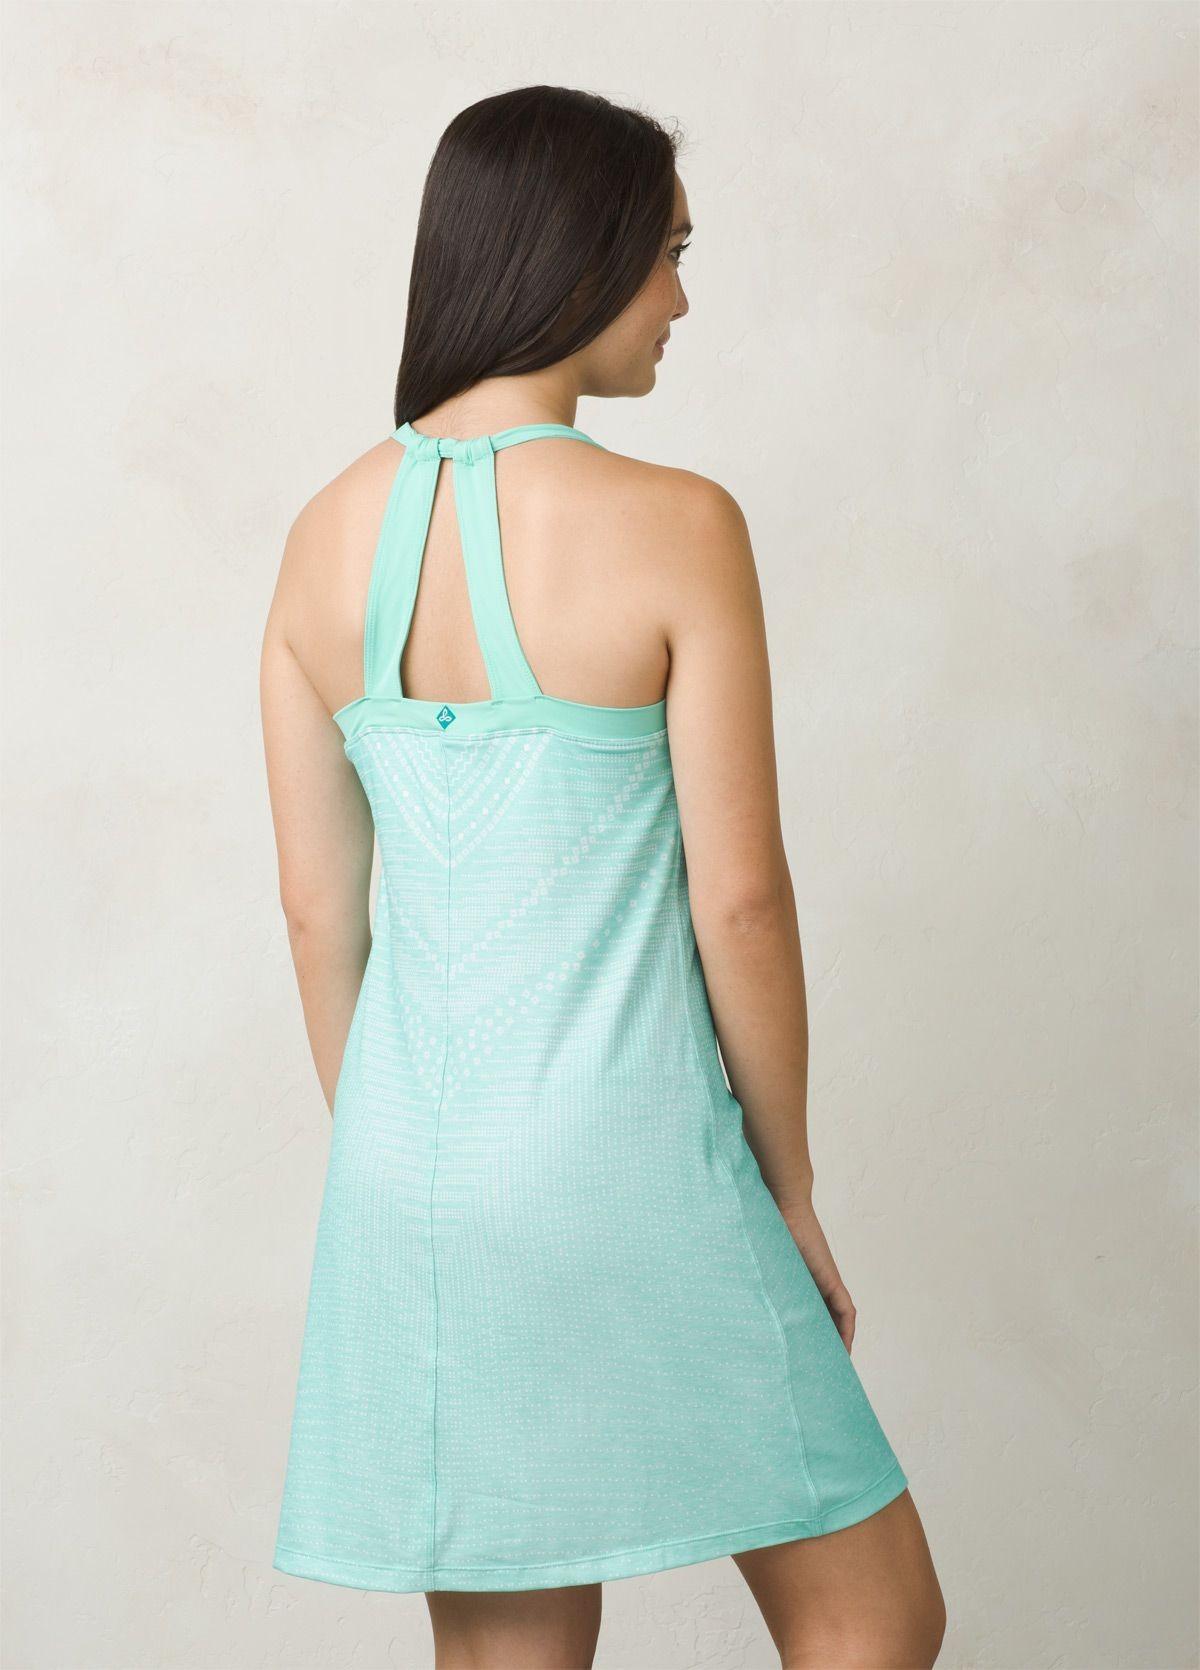 19357c0795 Kompletní specifikace · Související zboží (0) · Ke stažení. Dámské letní  šaty značky Prana ...